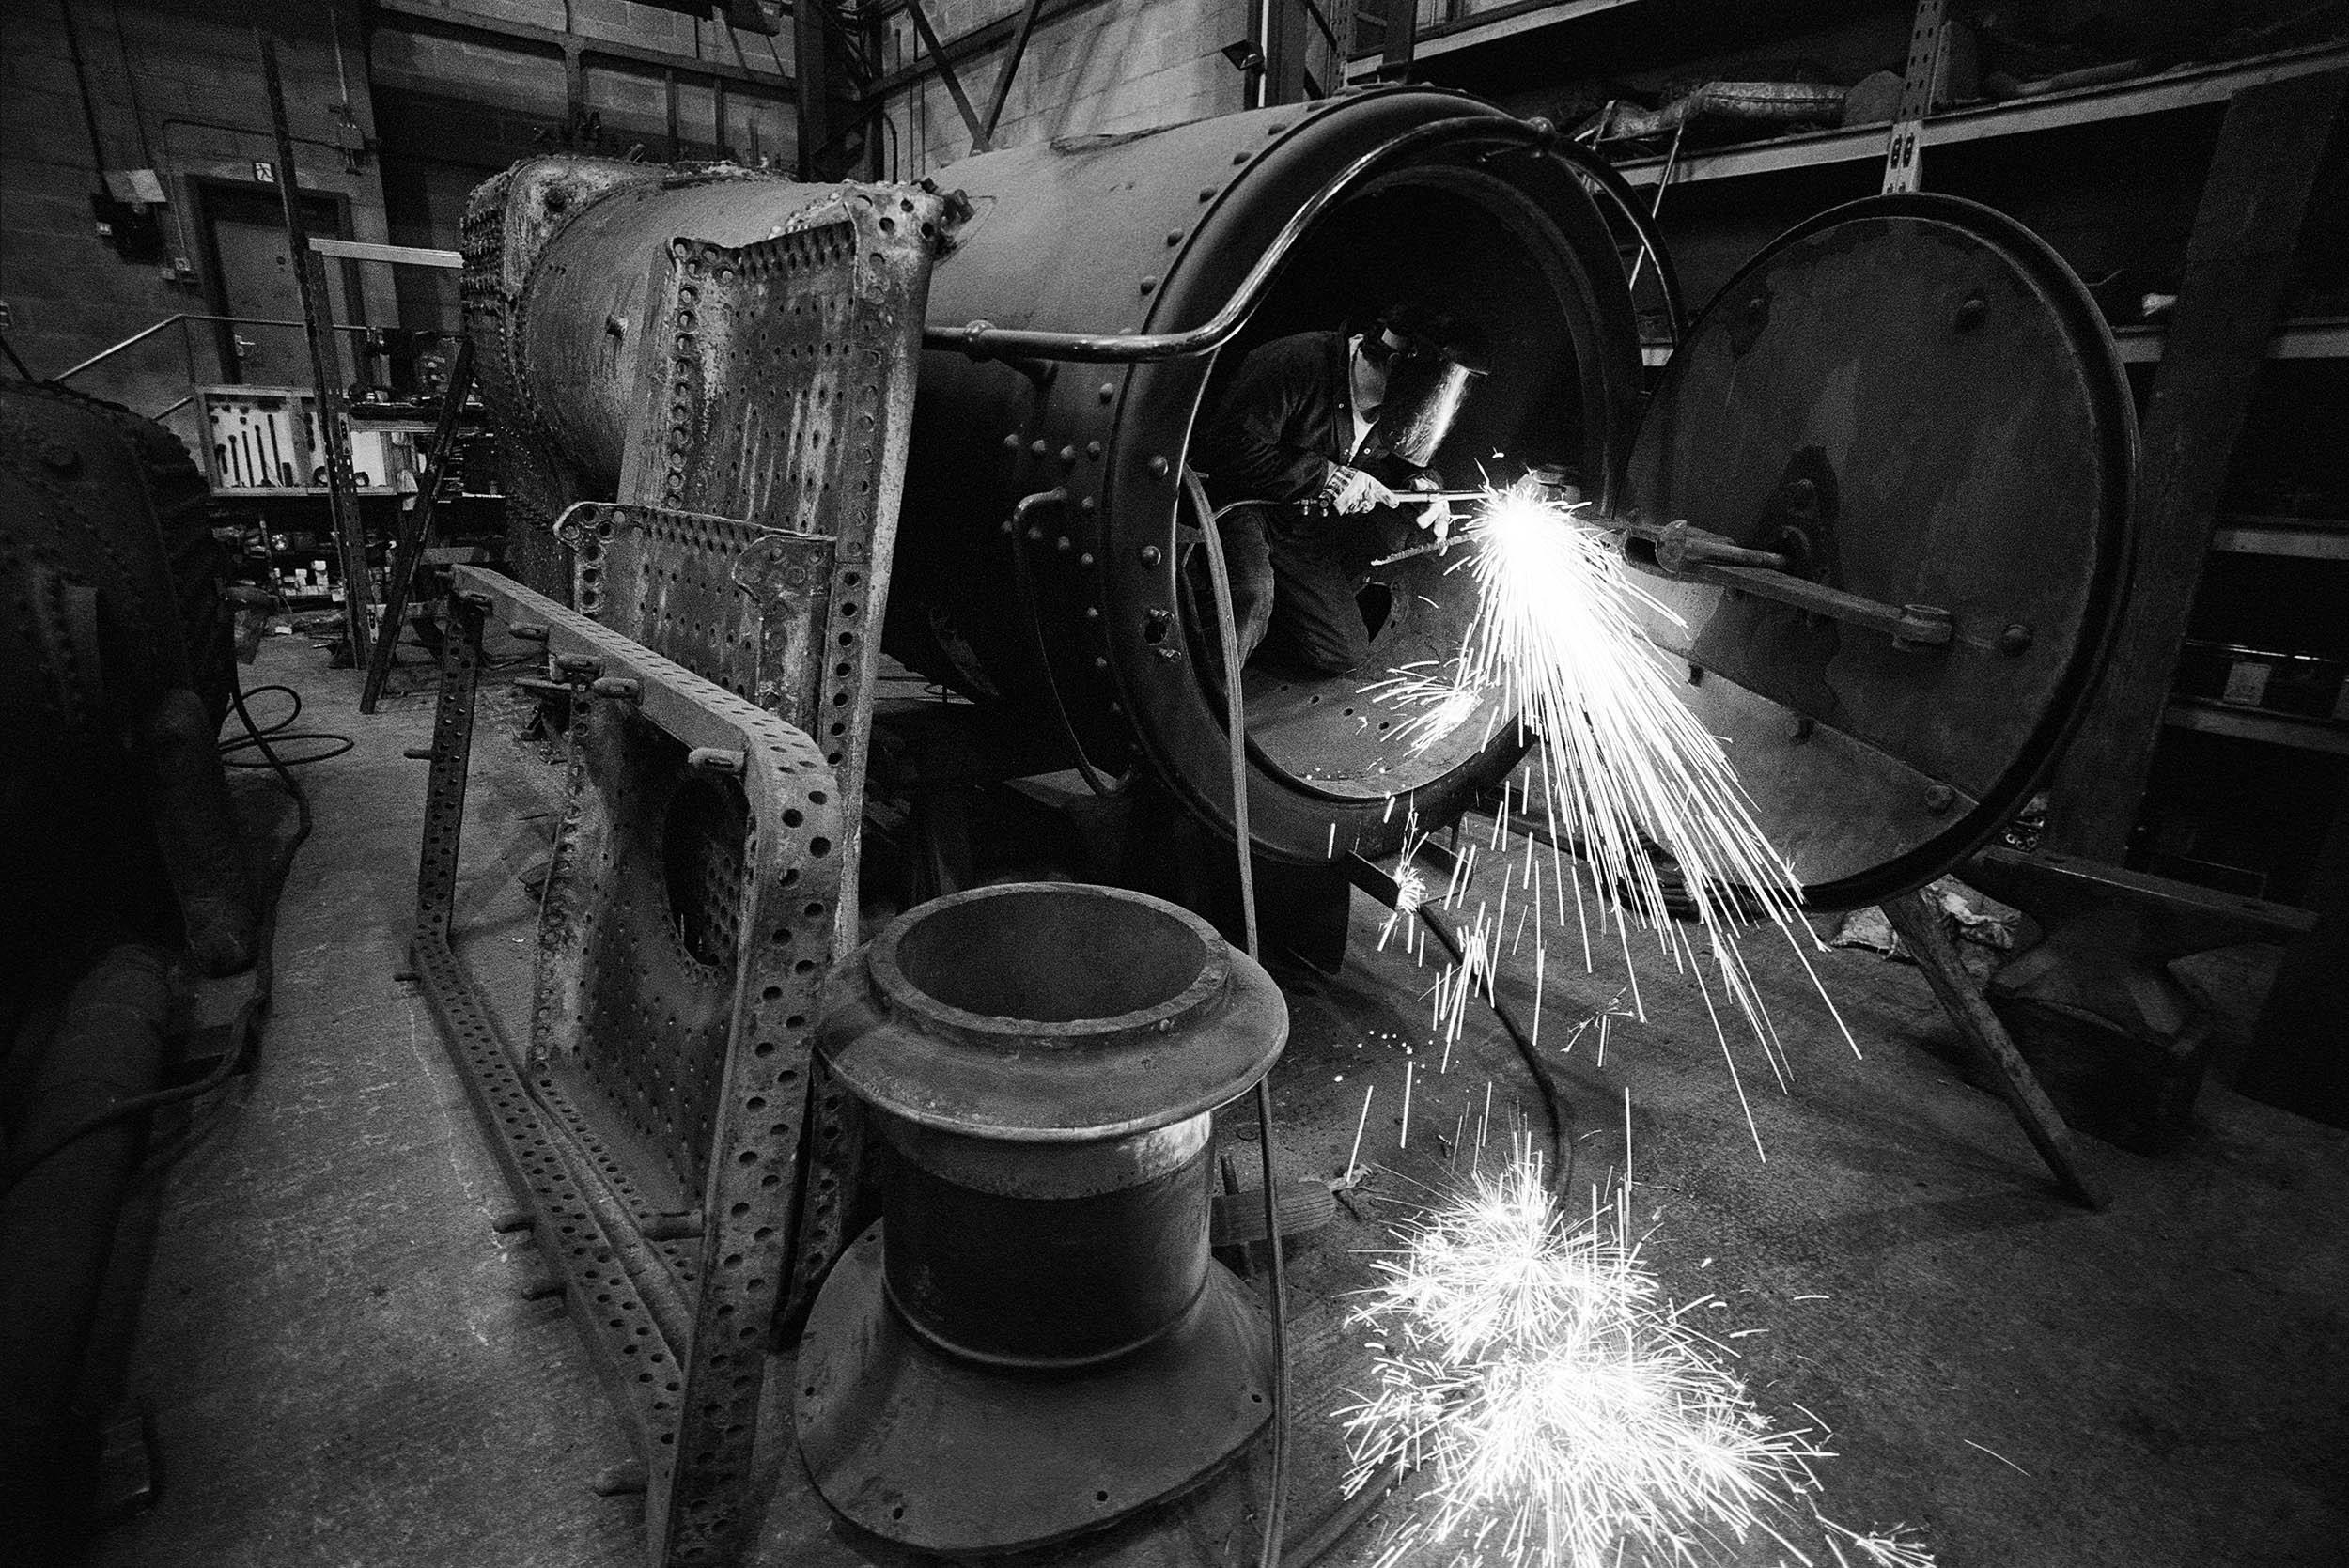 Welder at work on the Severn Valley Railway in Bridgnorth.